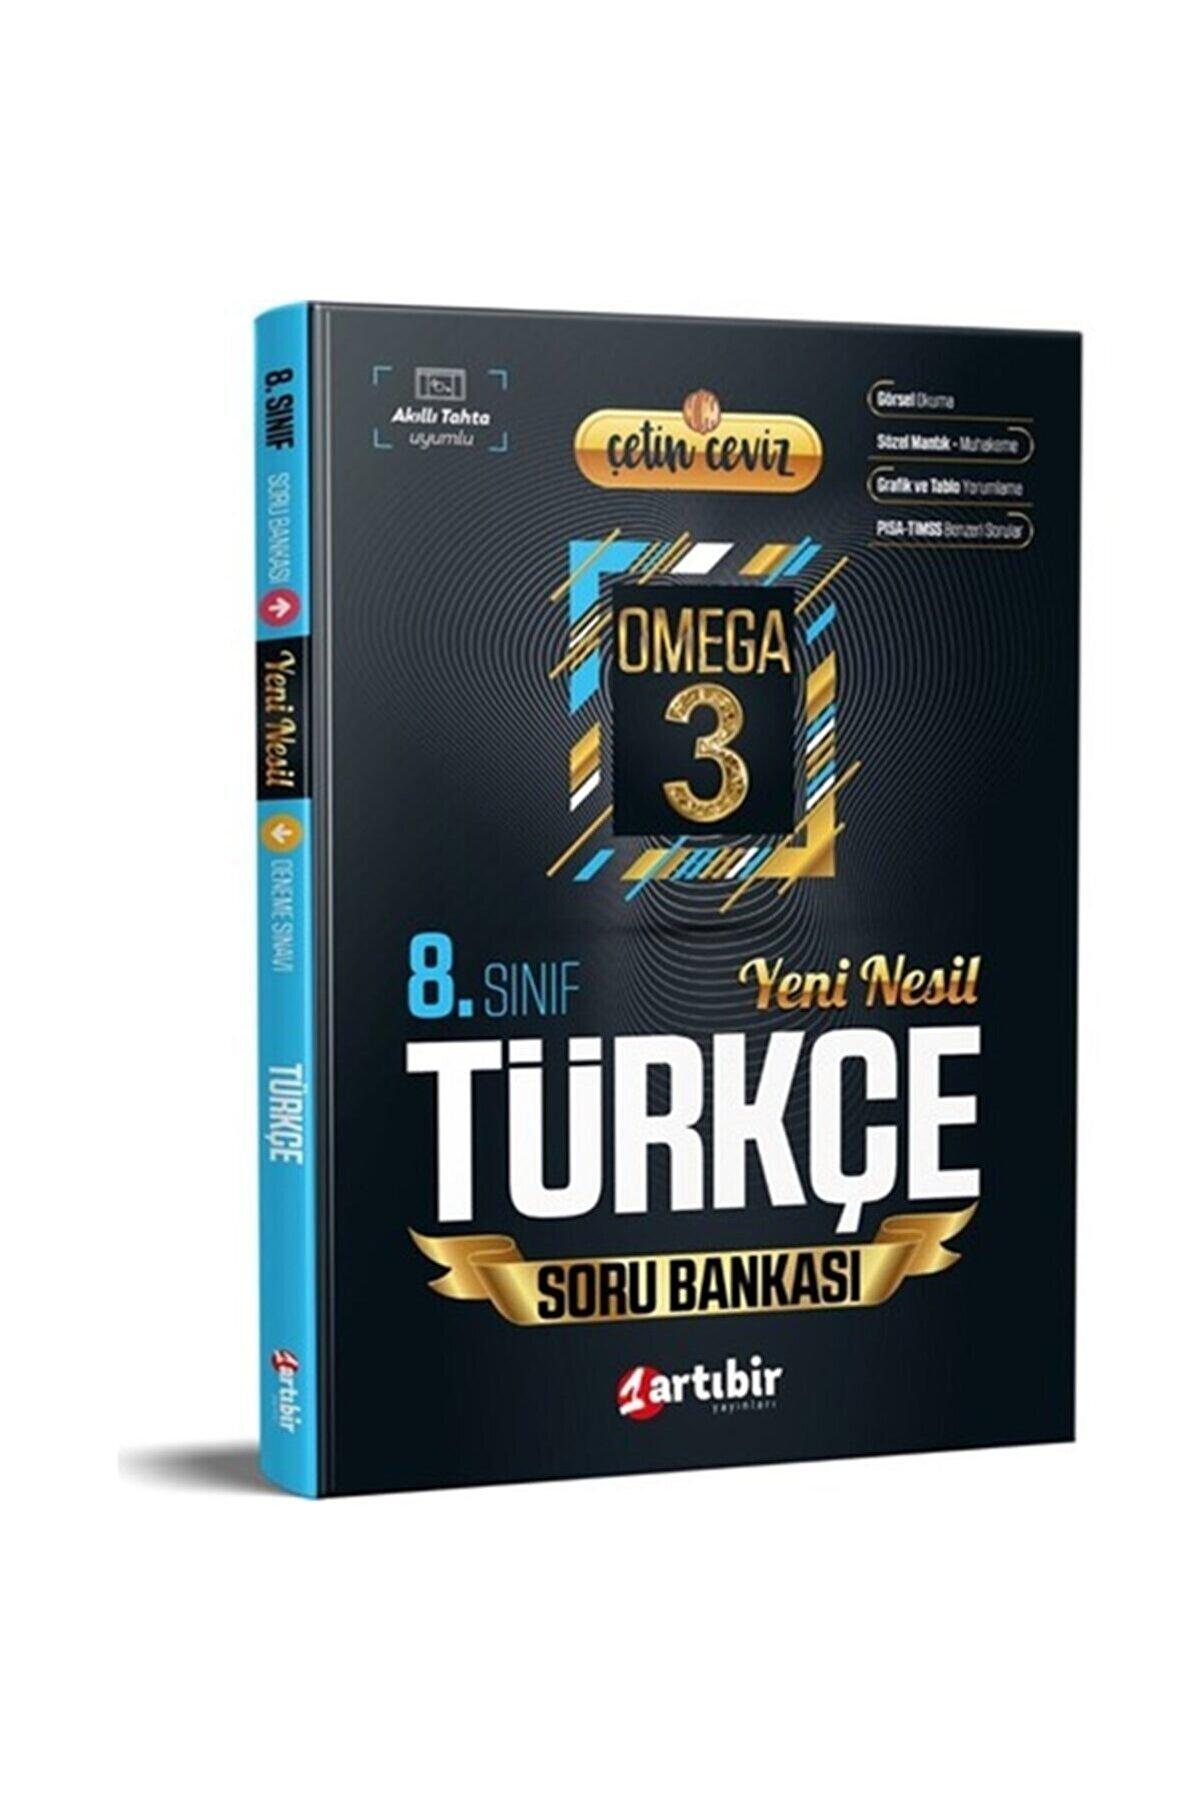 Artıbir Yayınları 8.sınıf Türkçe Soru Bankası Çetin Ceviz Omega 3